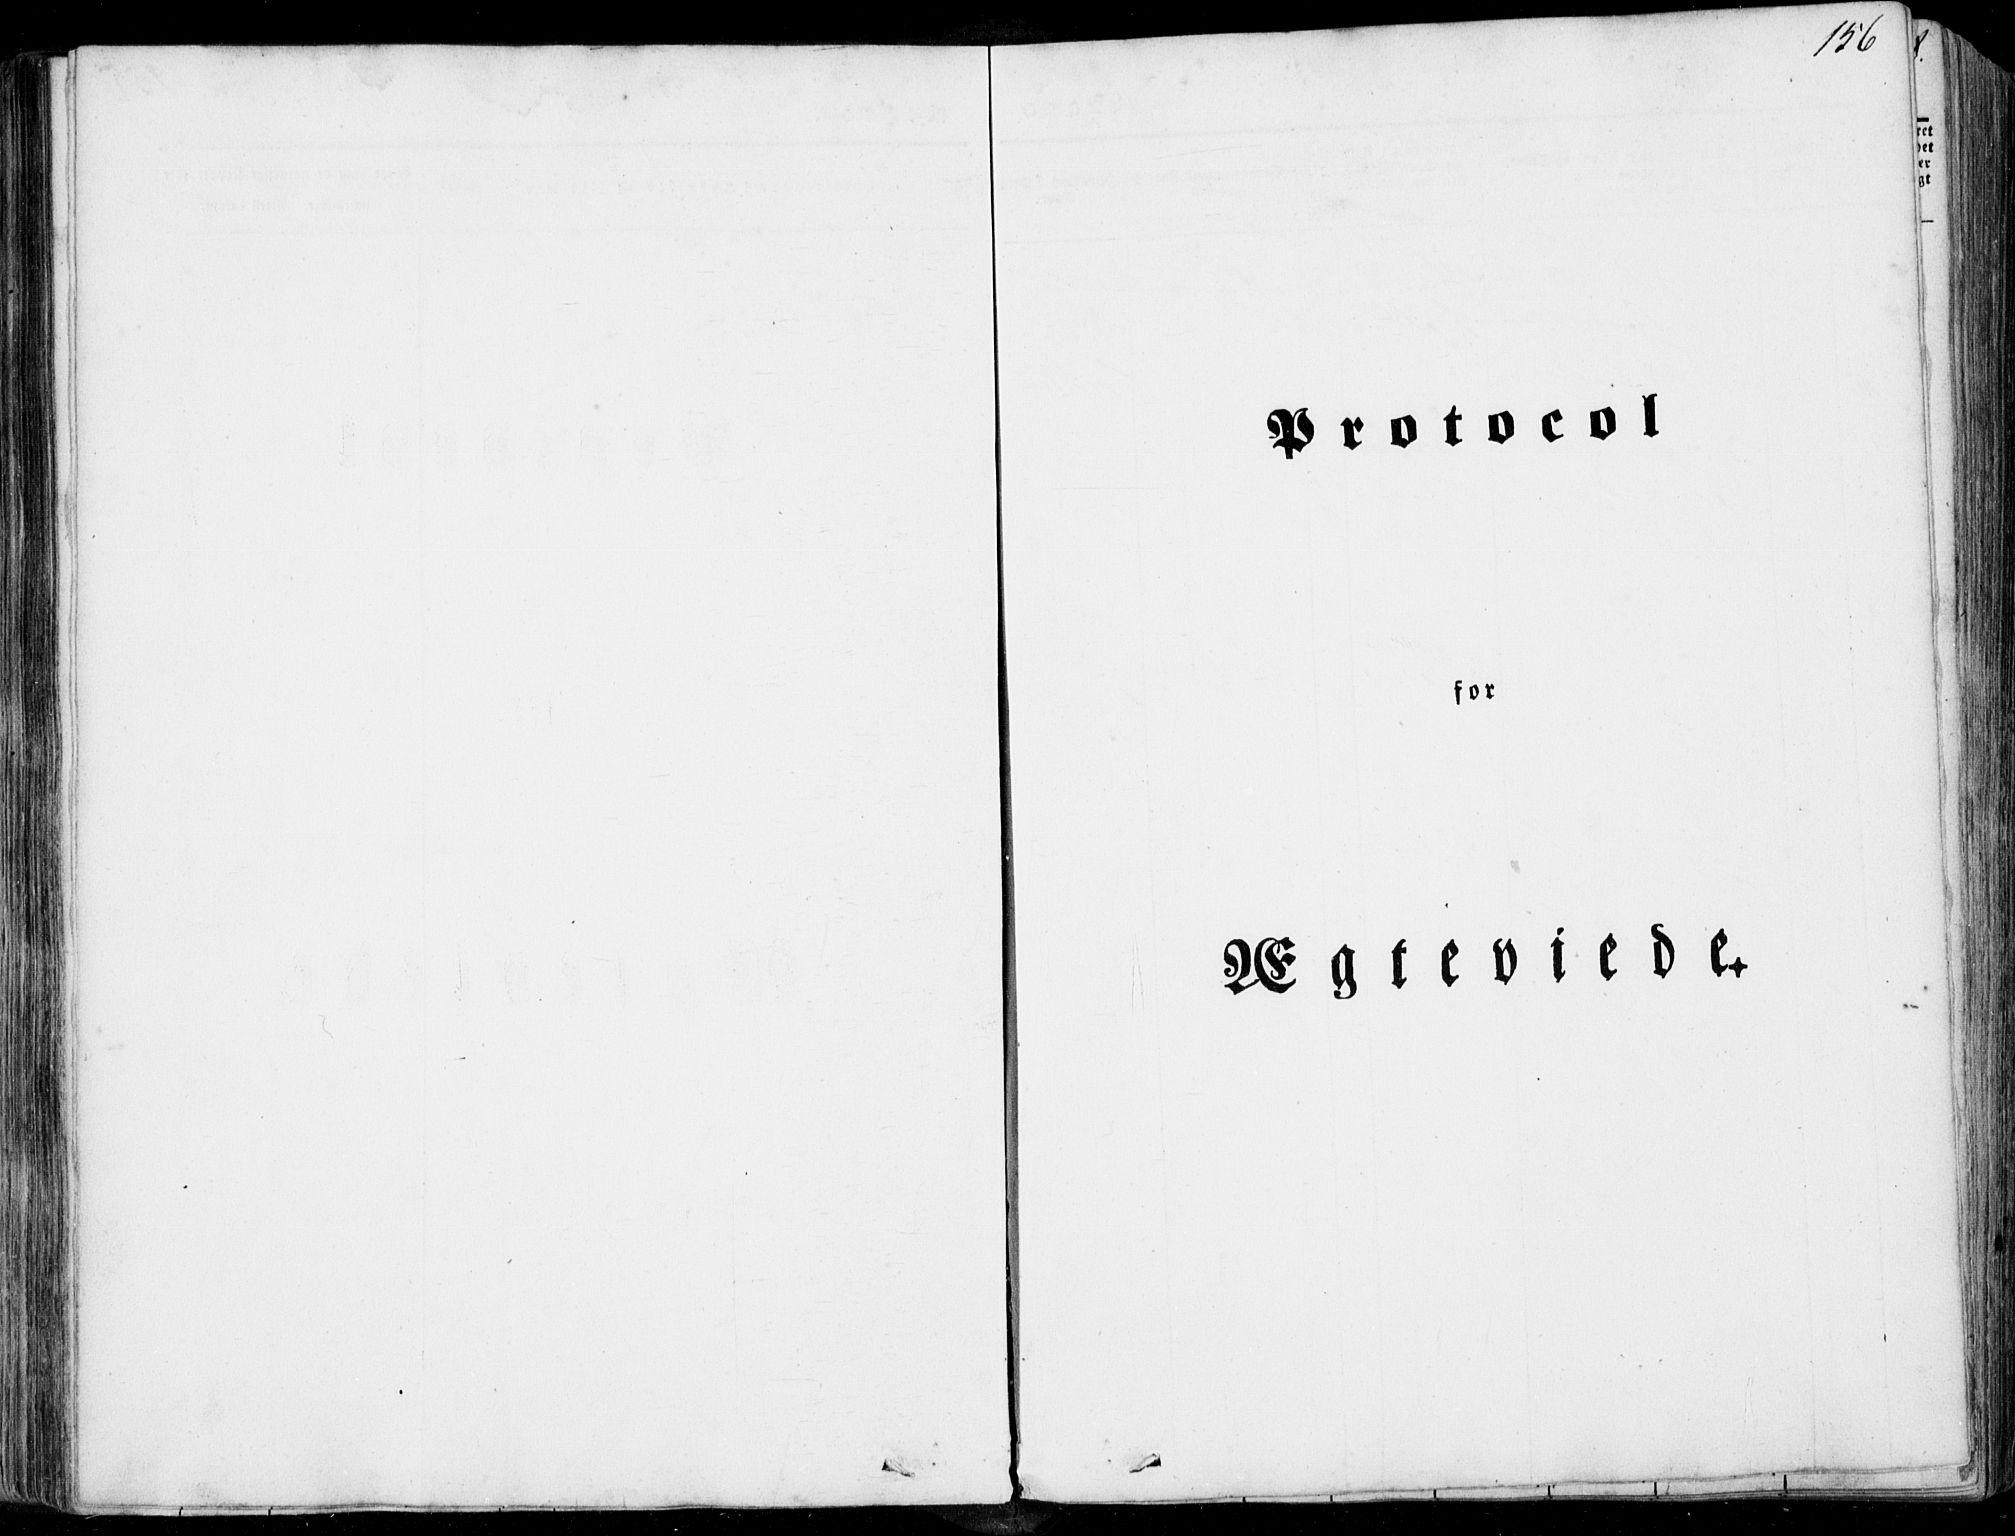 SAT, Ministerialprotokoller, klokkerbøker og fødselsregistre - Møre og Romsdal, 536/L0497: Ministerialbok nr. 536A06, 1845-1865, s. 156